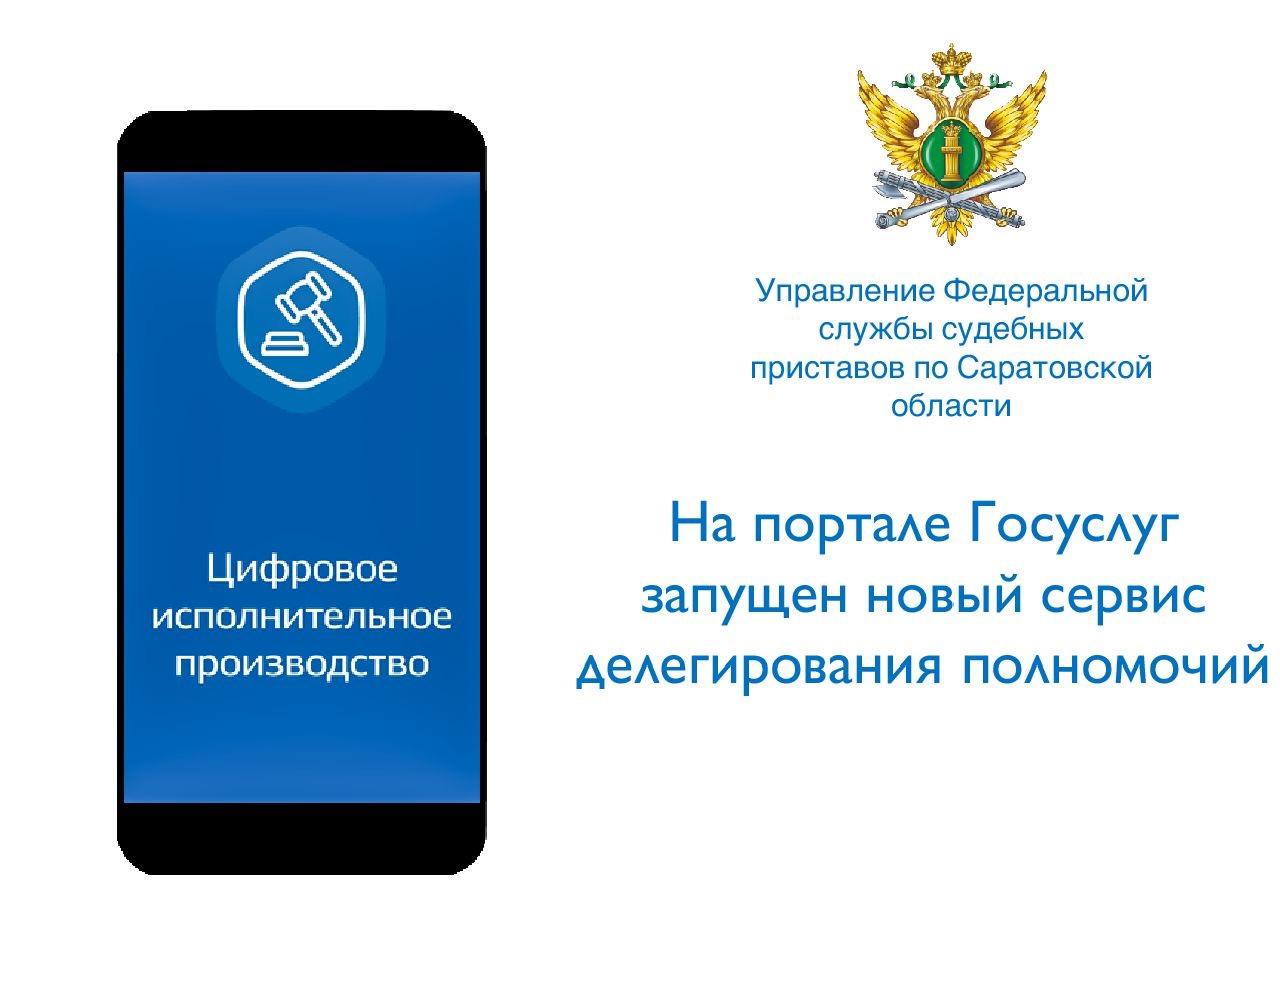 На портале Госуслуг запущен новый сервис делегирования полномочий